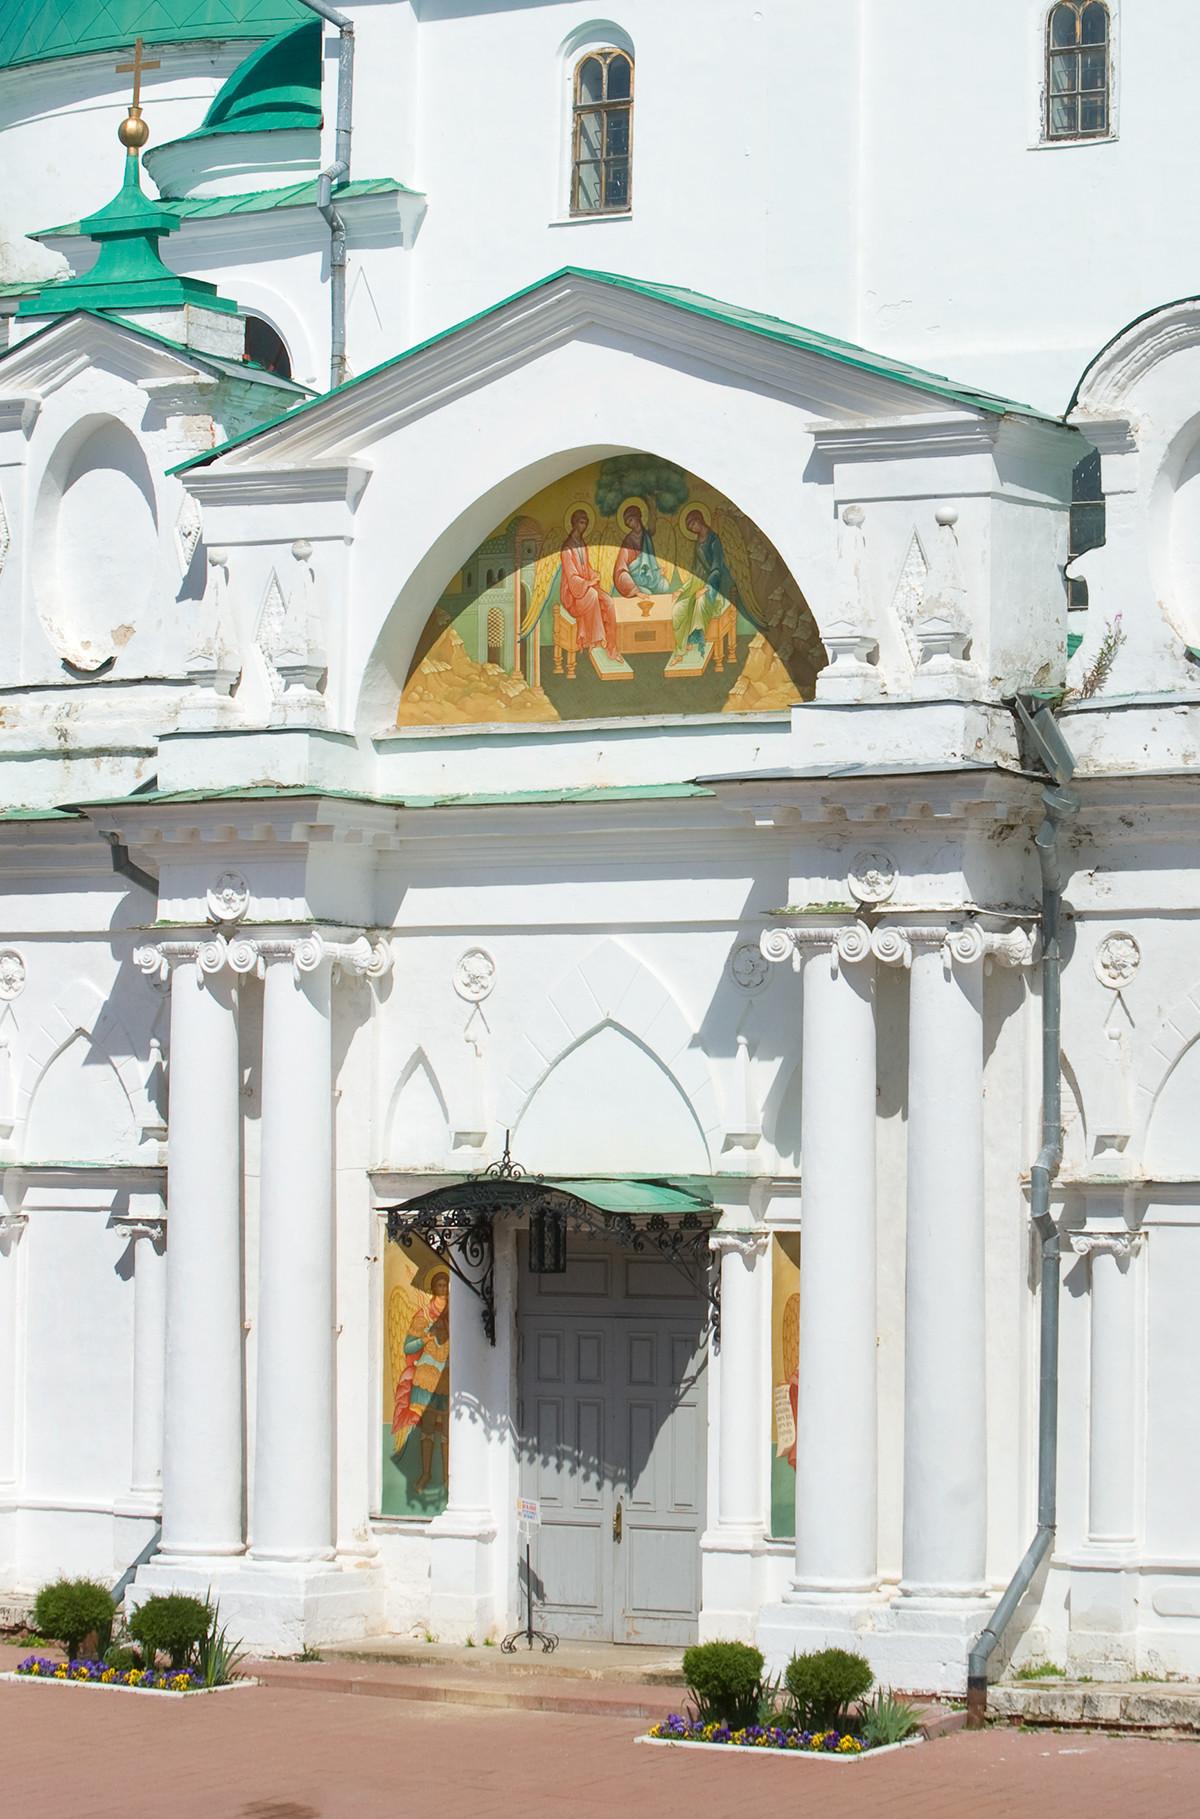 Cathédrale de la conception de Sainte-Anne. Vue vers l'ouest avec entrée principale. Peinture de la Trinité de l'Ancien Testament sur le tympan du fronton du narthex. Photographie: William Brumfield. 7 juillet 2019